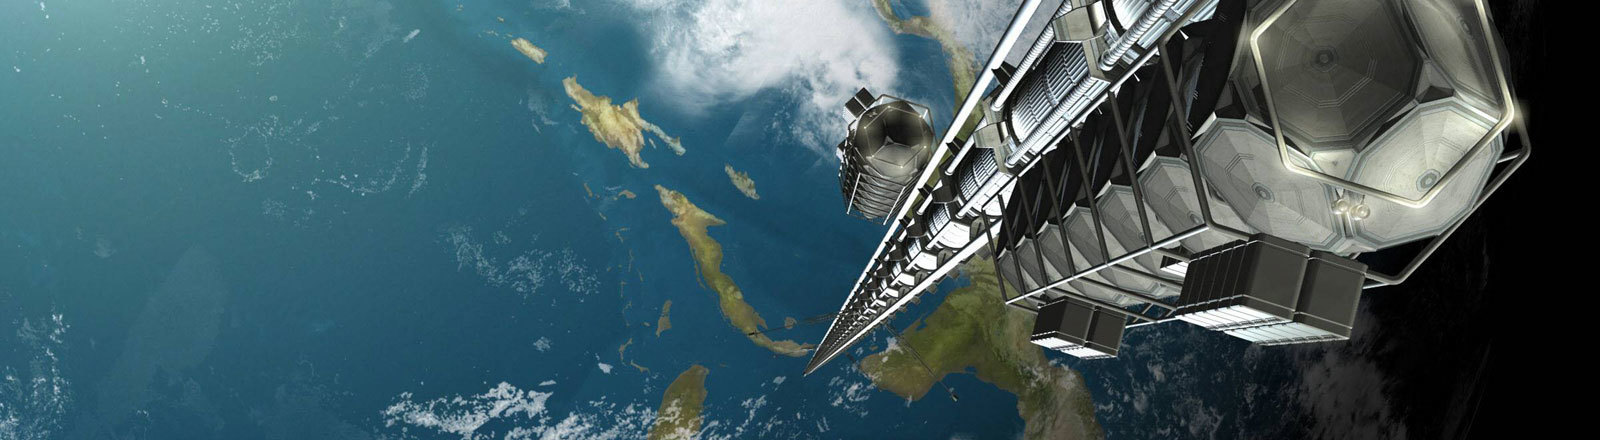 Weltraumaufzug